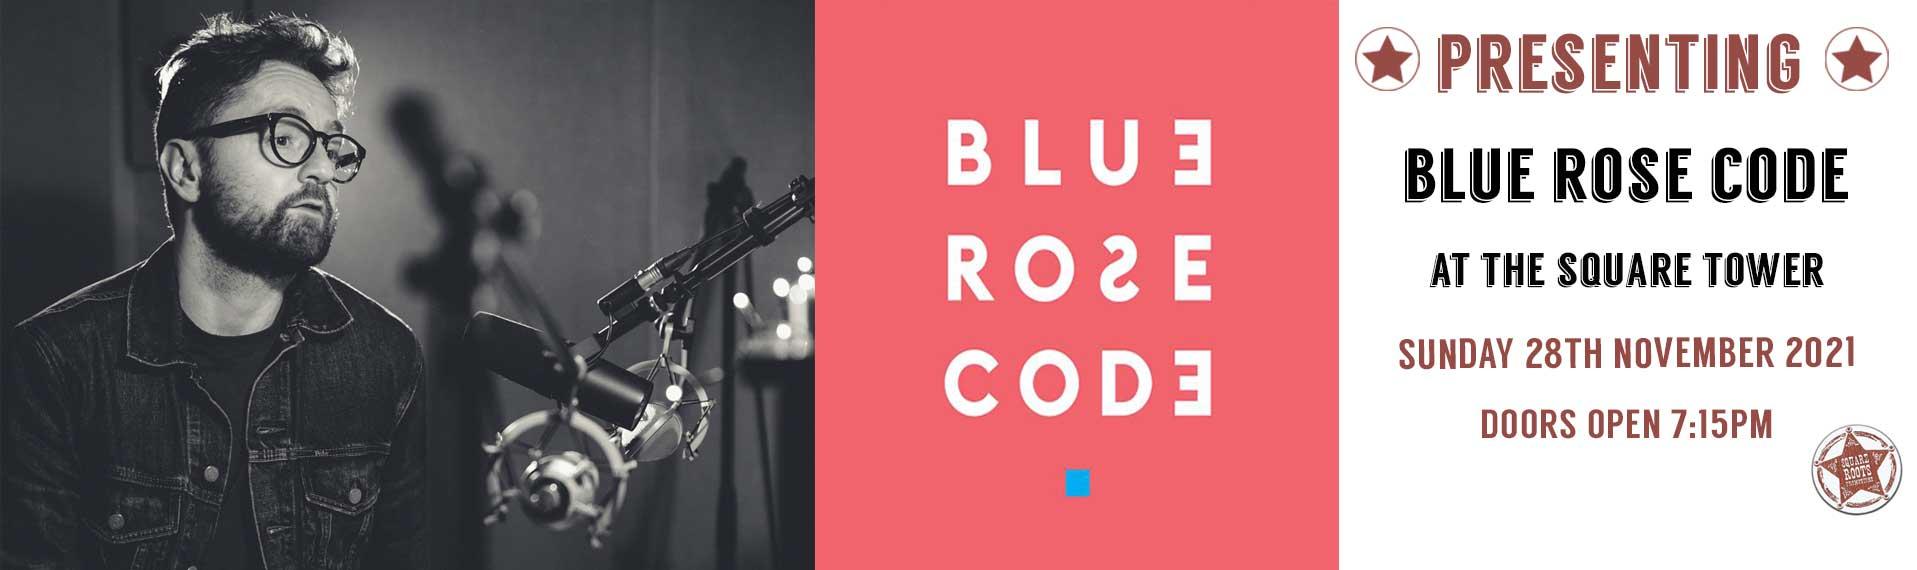 bluerosecodebanner2021